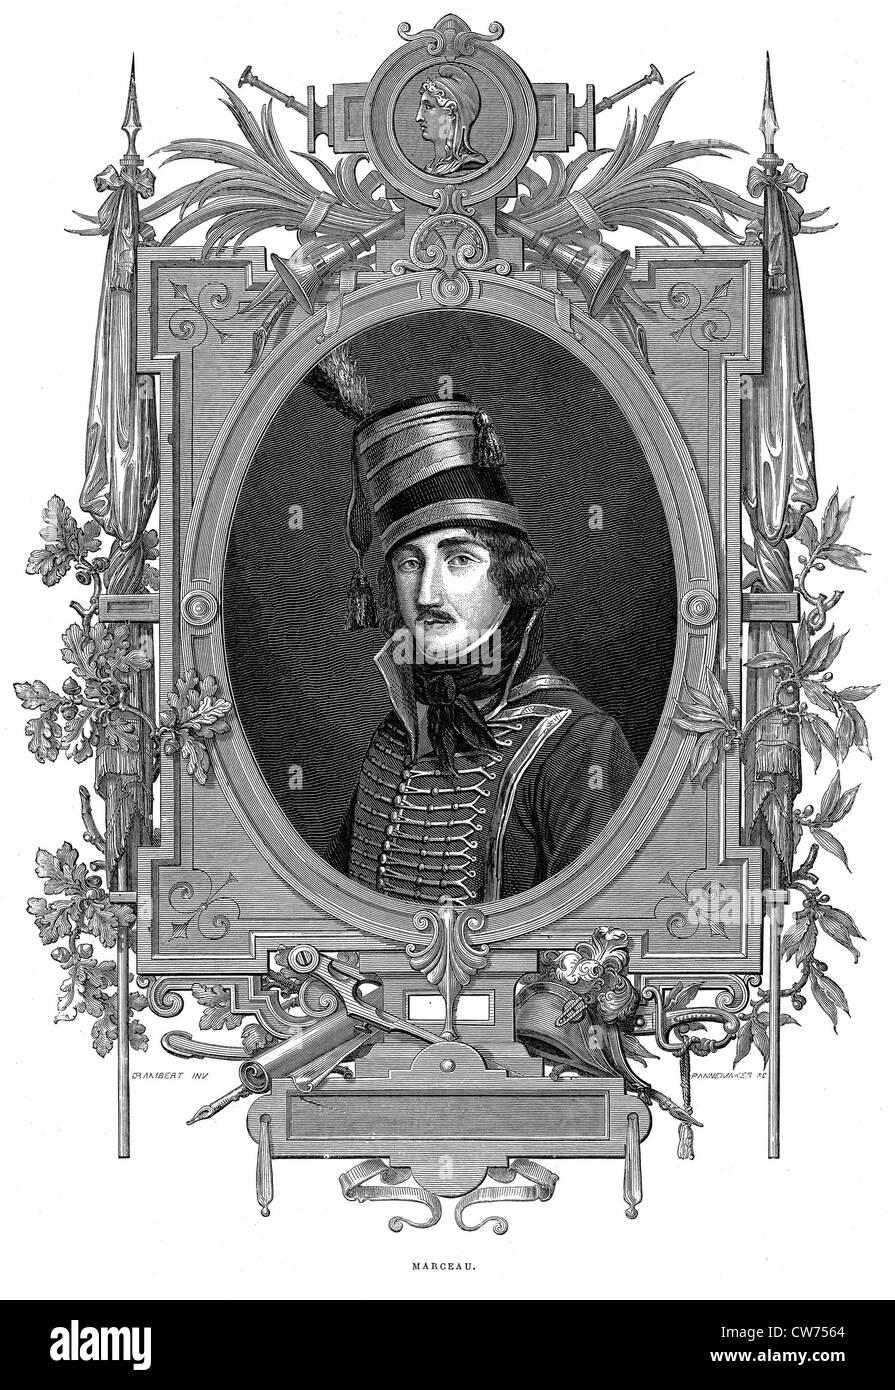 Marceau - Stock Image